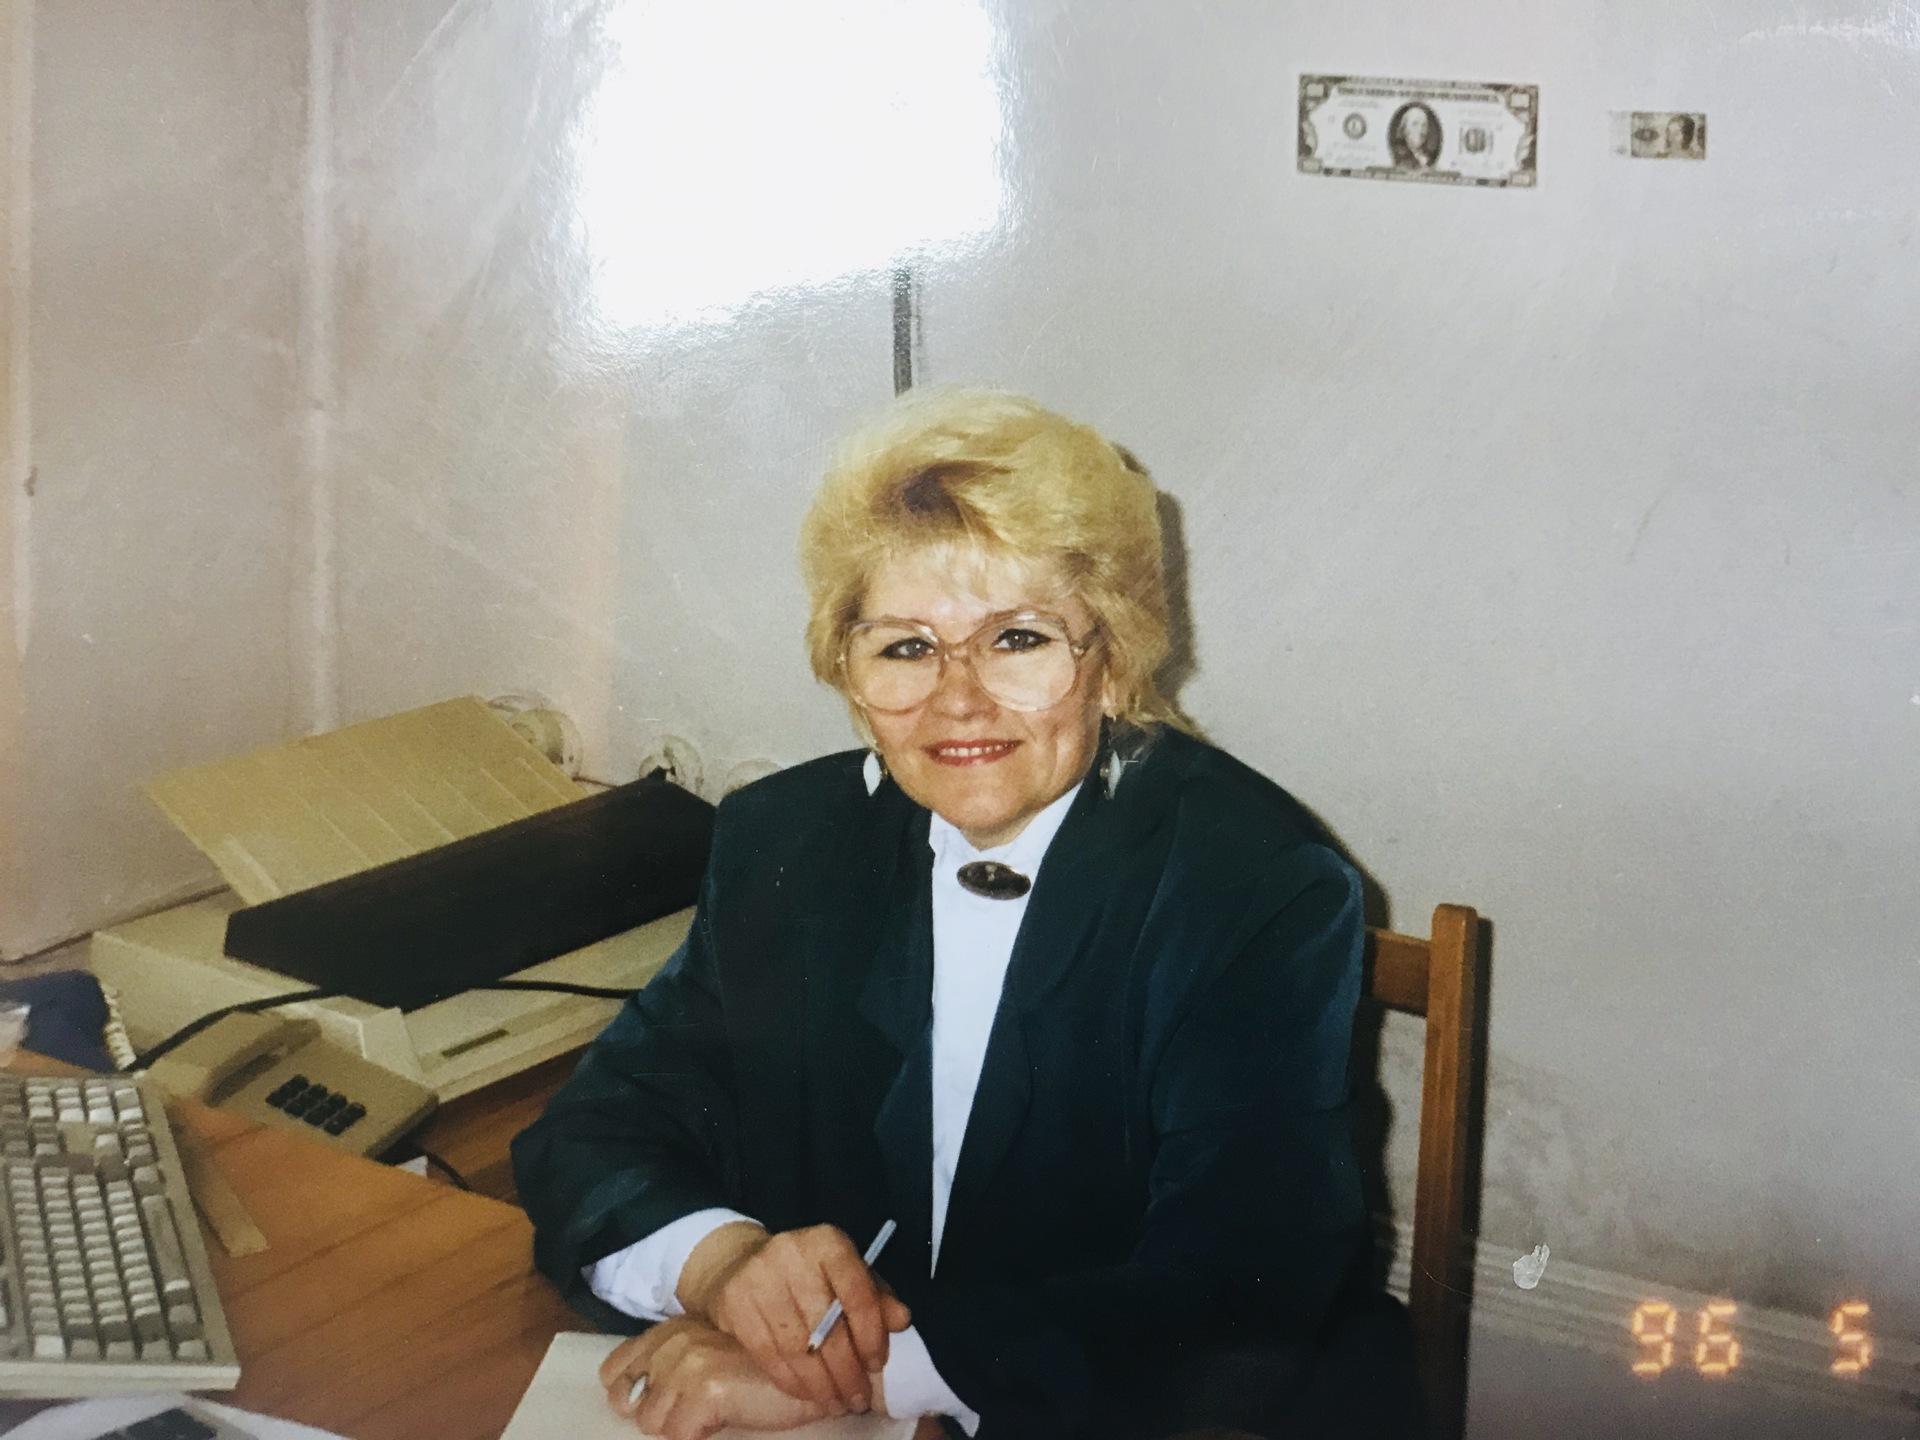 Вакансии бухгалтера смоленск комбинация бухгалтер скачать бесплатно